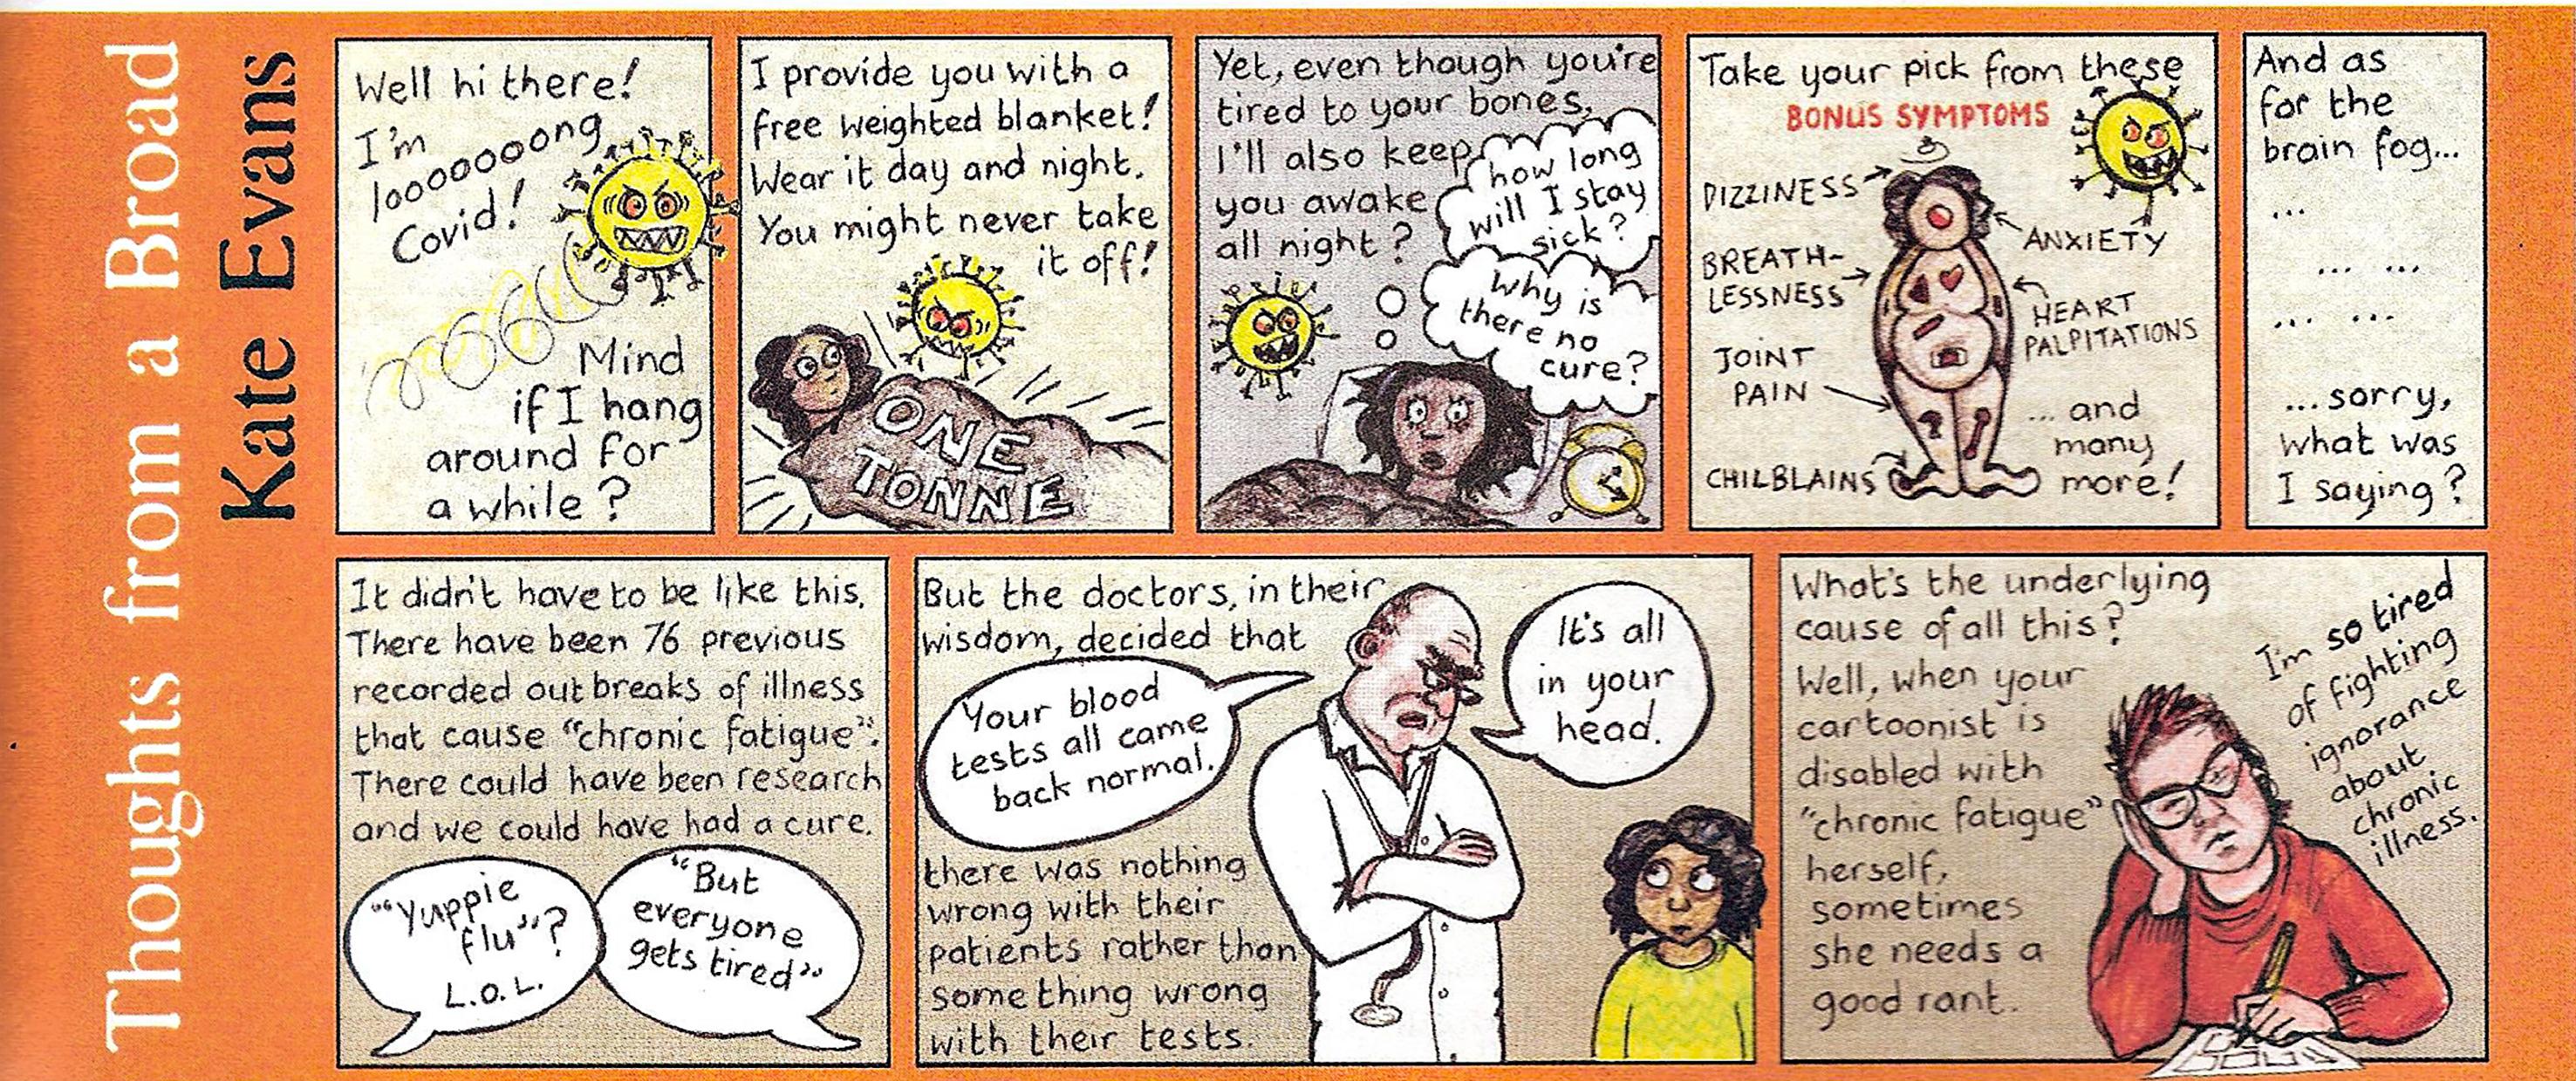 New_Internationalist_Cartoon_V2 (003)